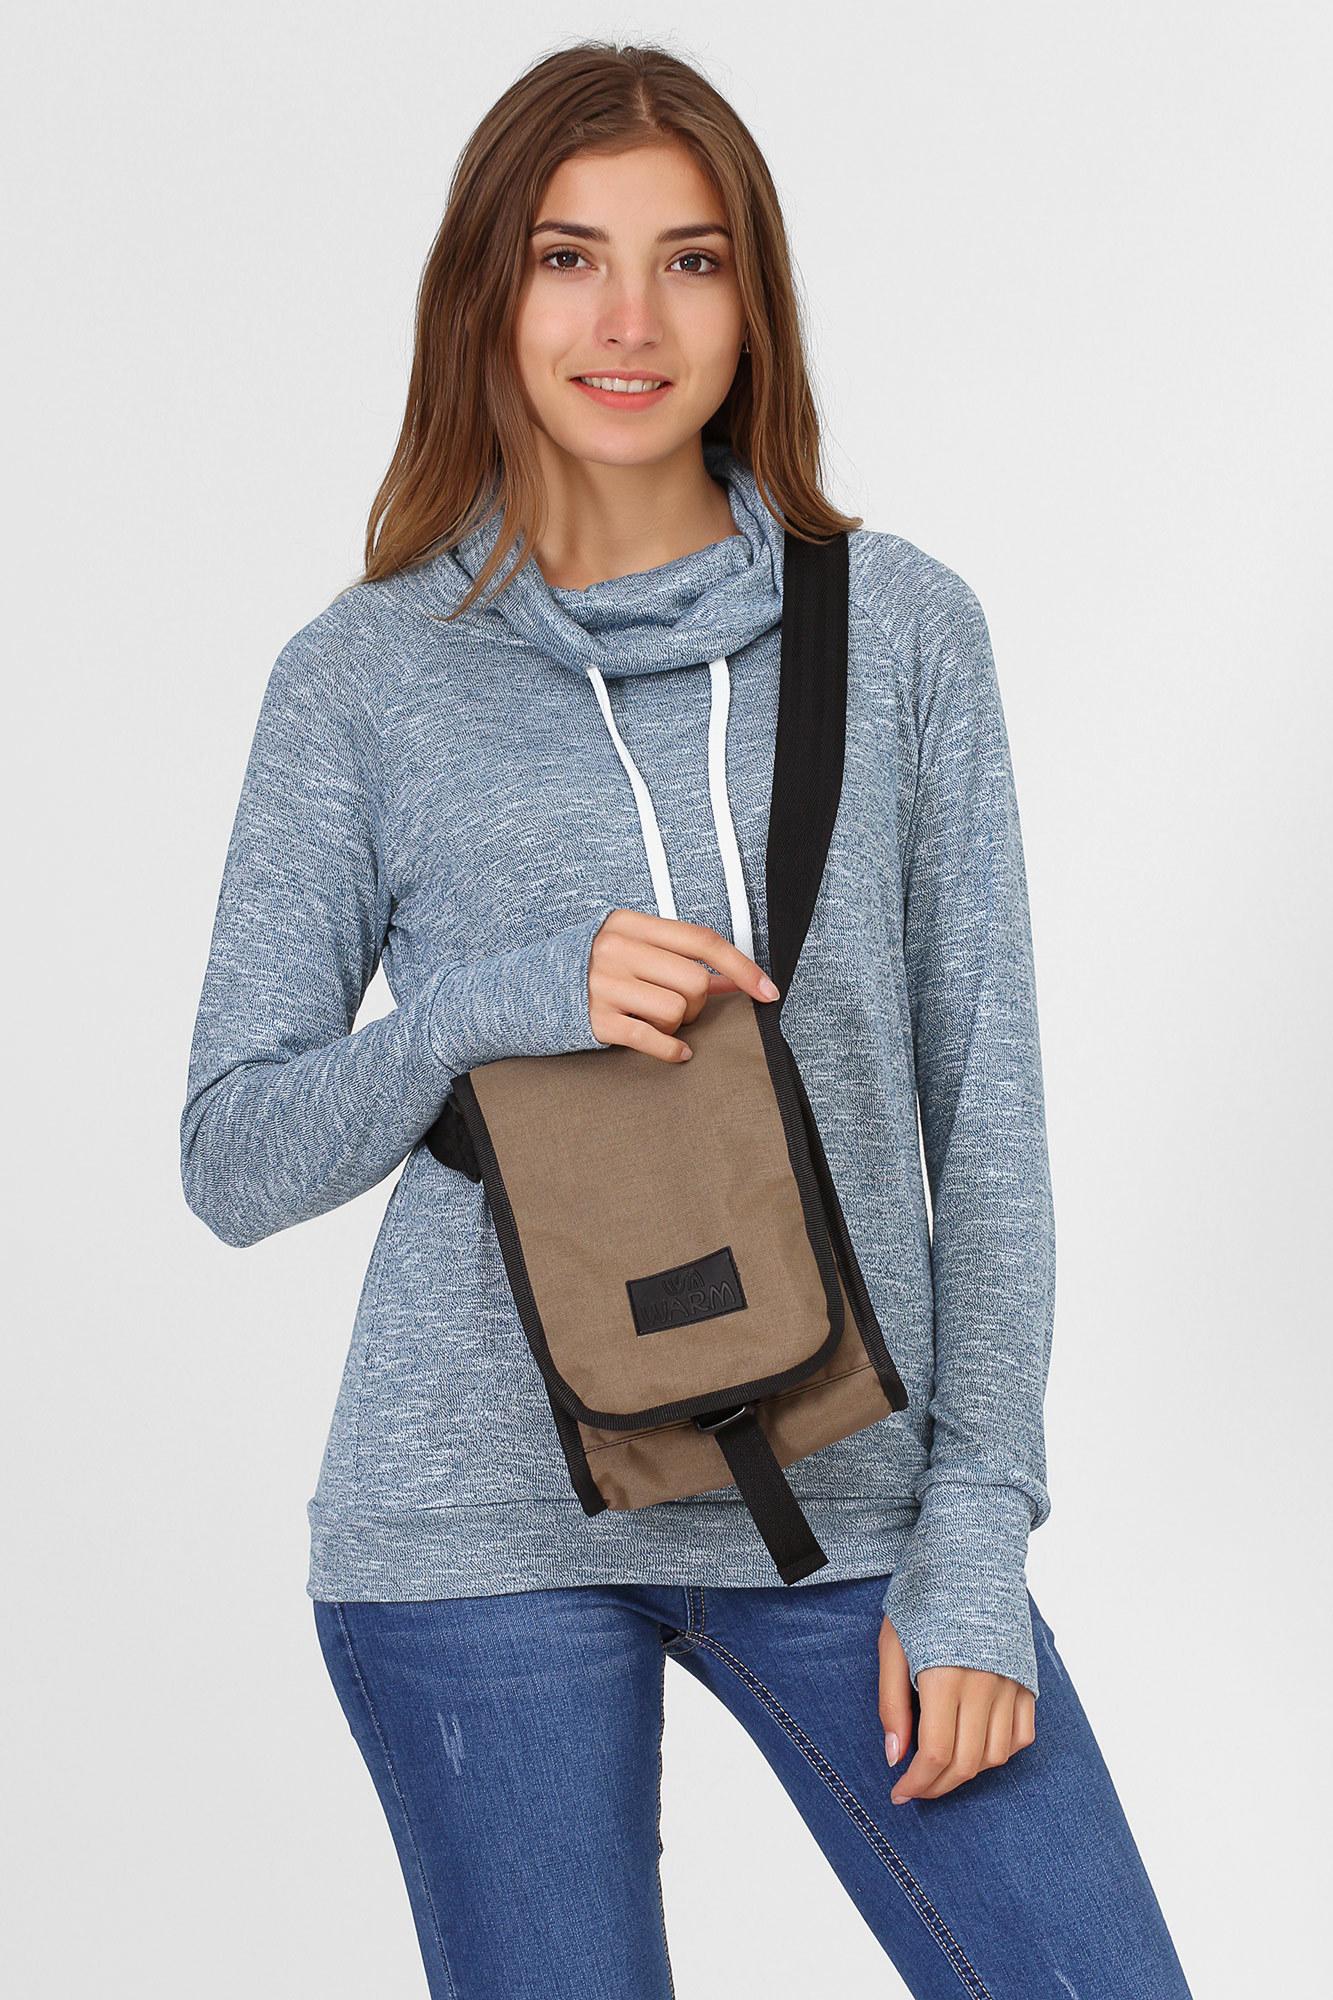 GEN Однотонная сумка Мессенджер на плечо хаки